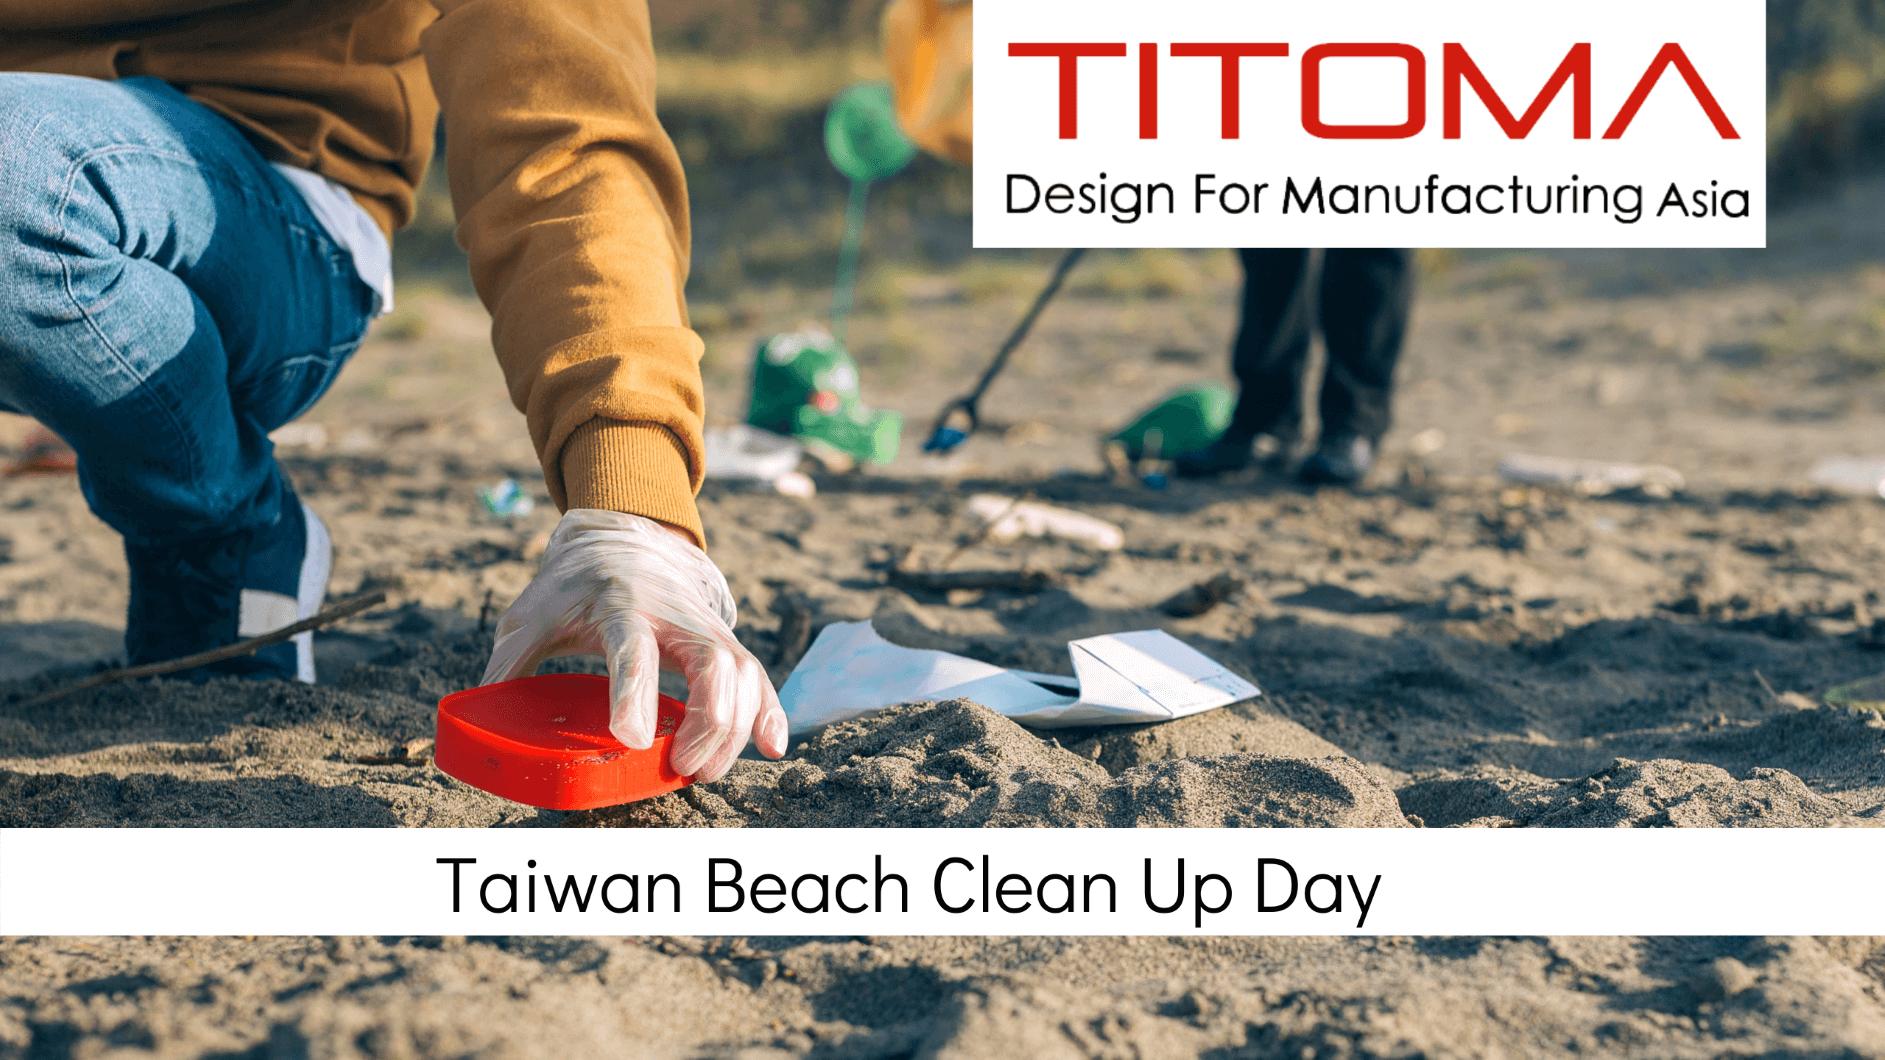 Taiwan Beach Clean Up